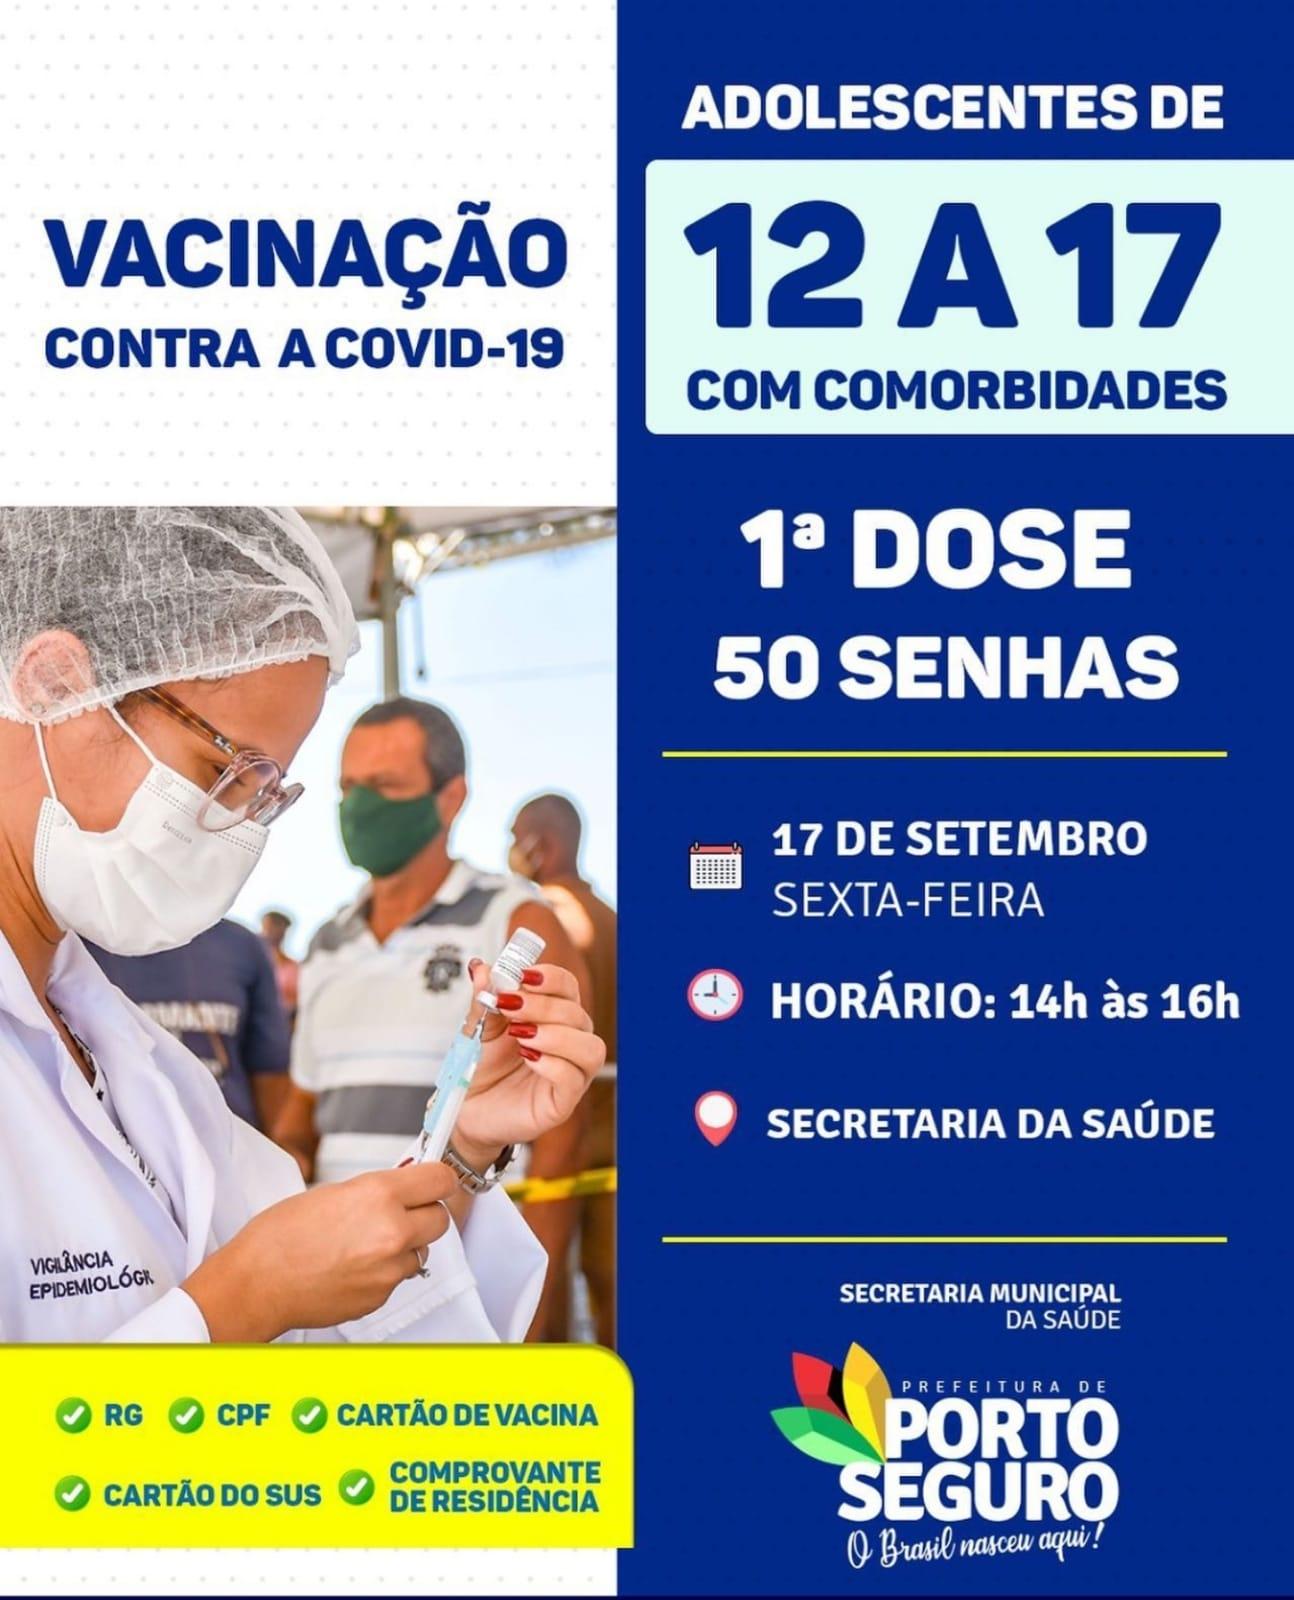 Porto Seguro: Cronograma de Vacinação contra a Covid-19 (17 de SETEMBRO) 28